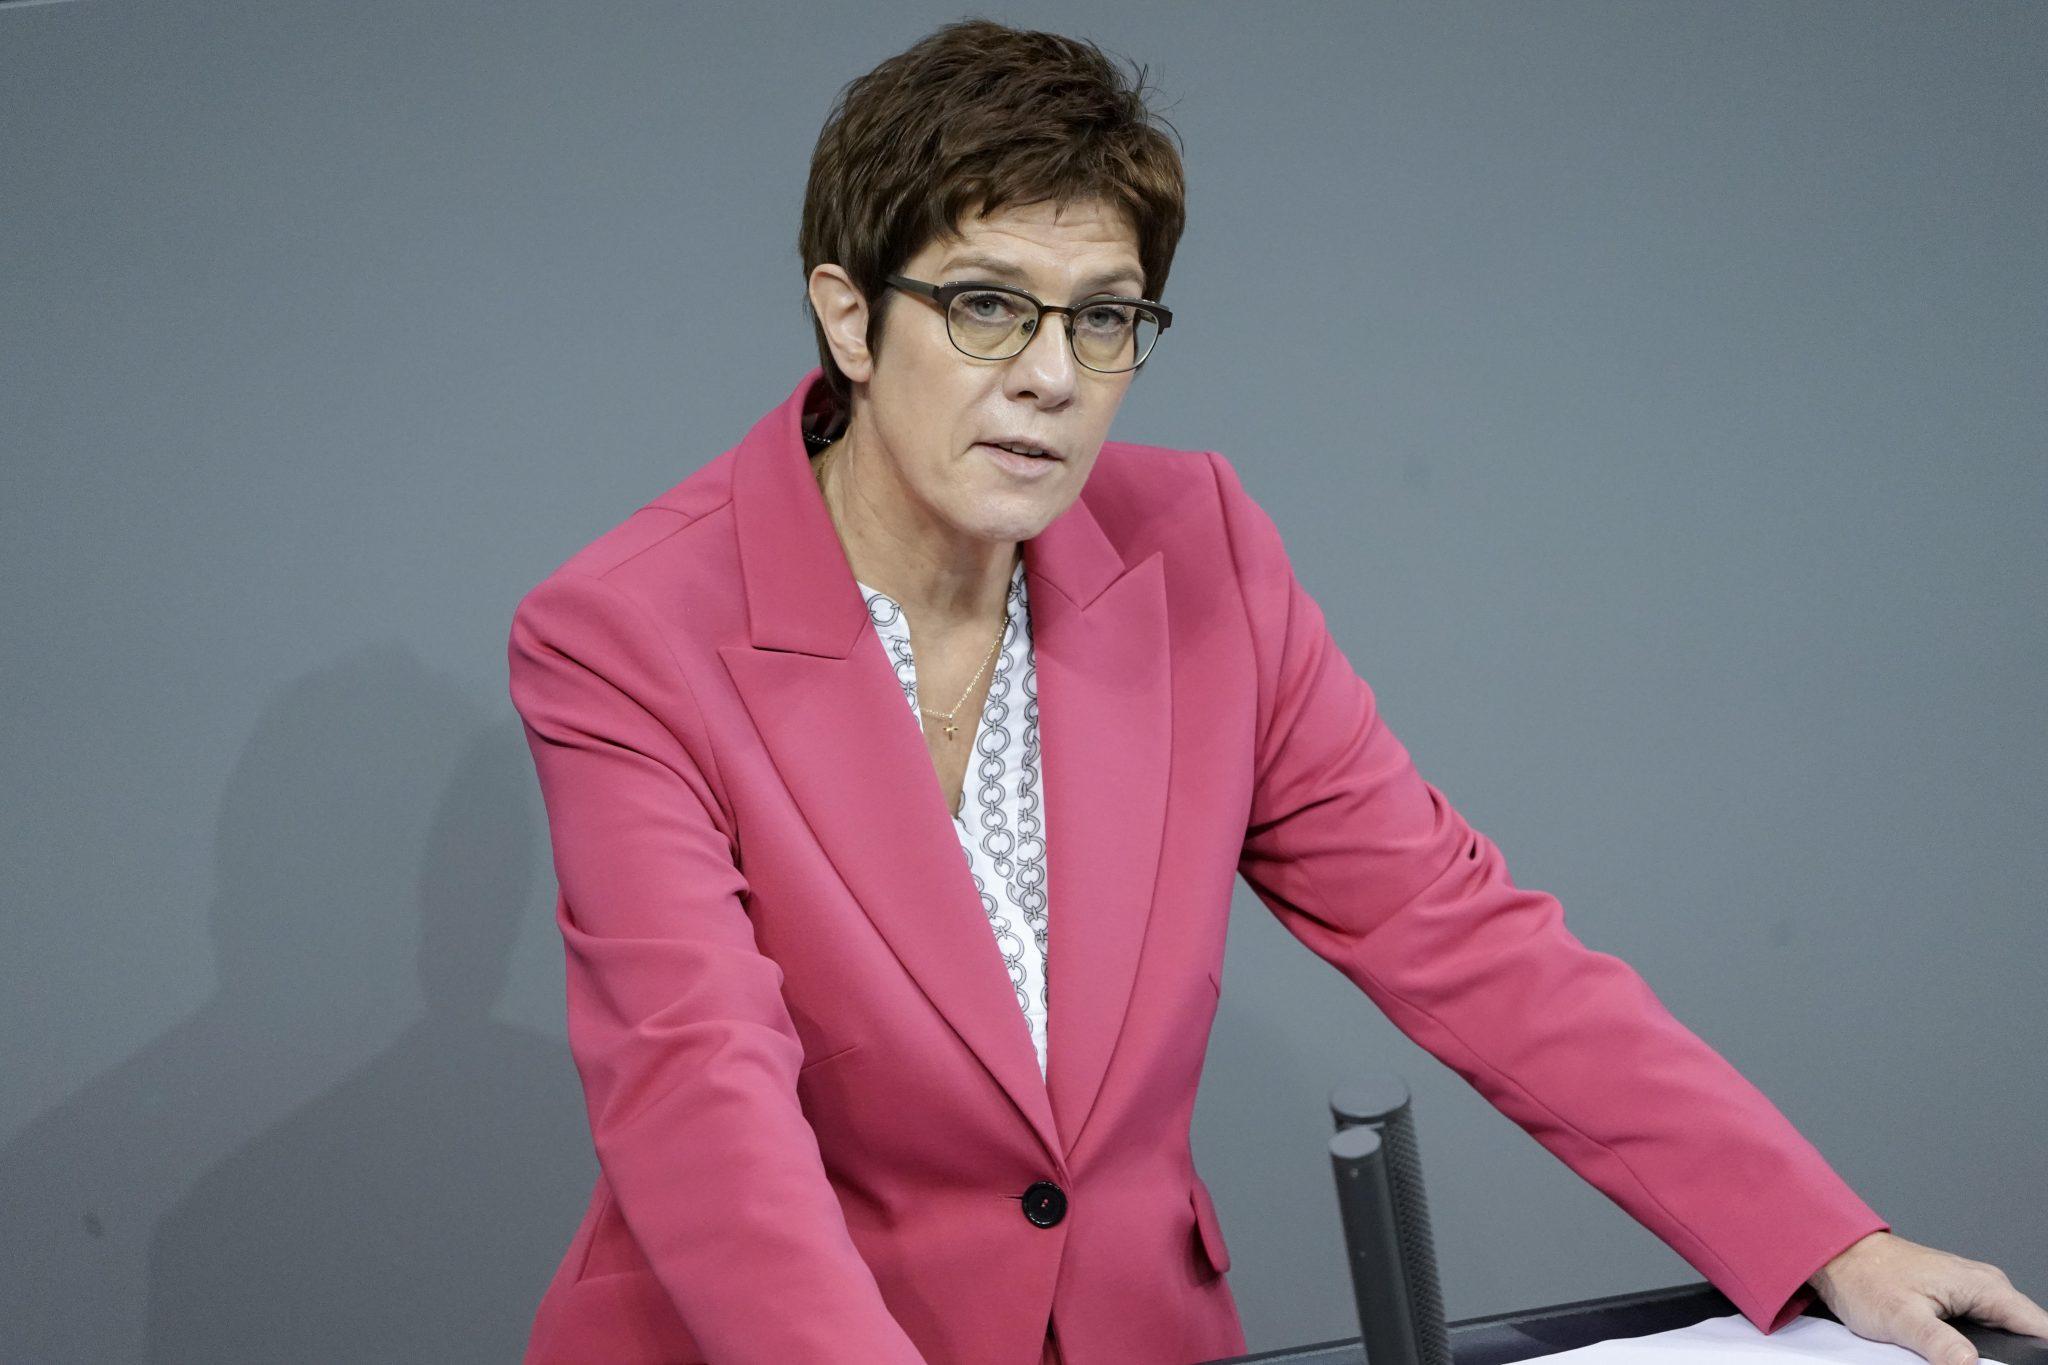 Die scheidende CDU-Chefin Annegret Kramp-Karrenbauer lobt Erfolge ihrer Amtszeit Foto: picture alliance / Flashpic | Jens Krick